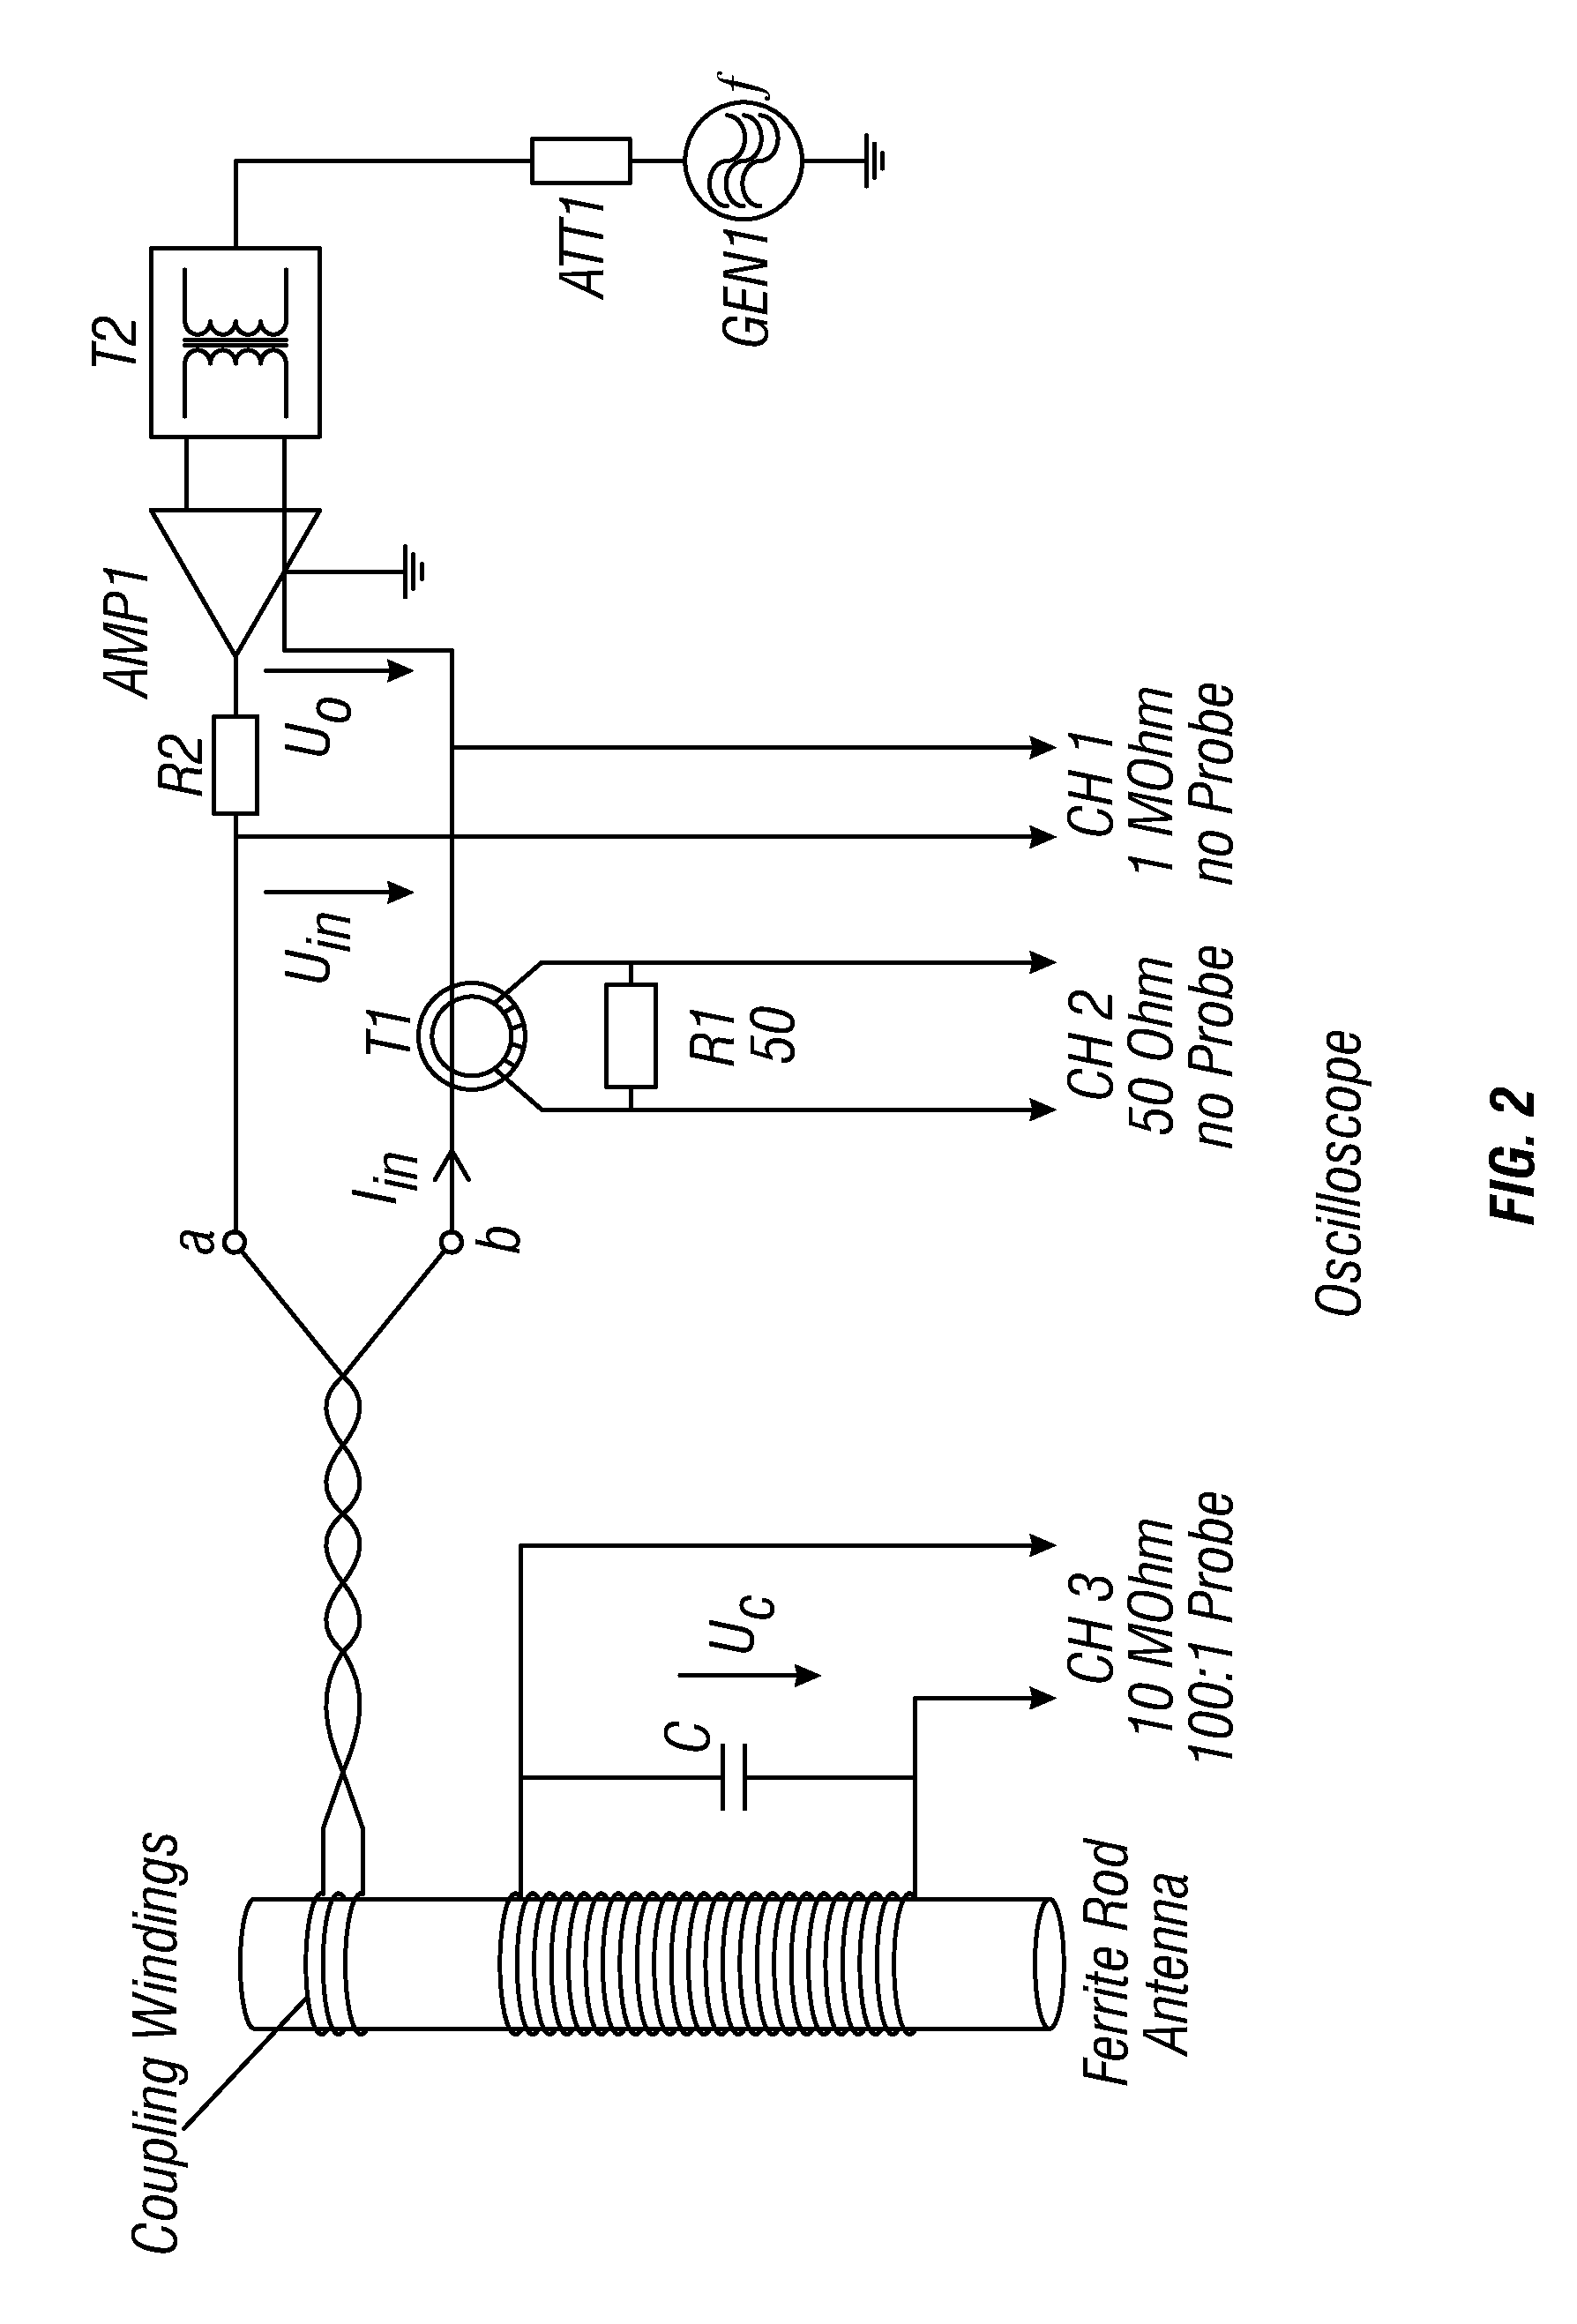 patent us20090224608